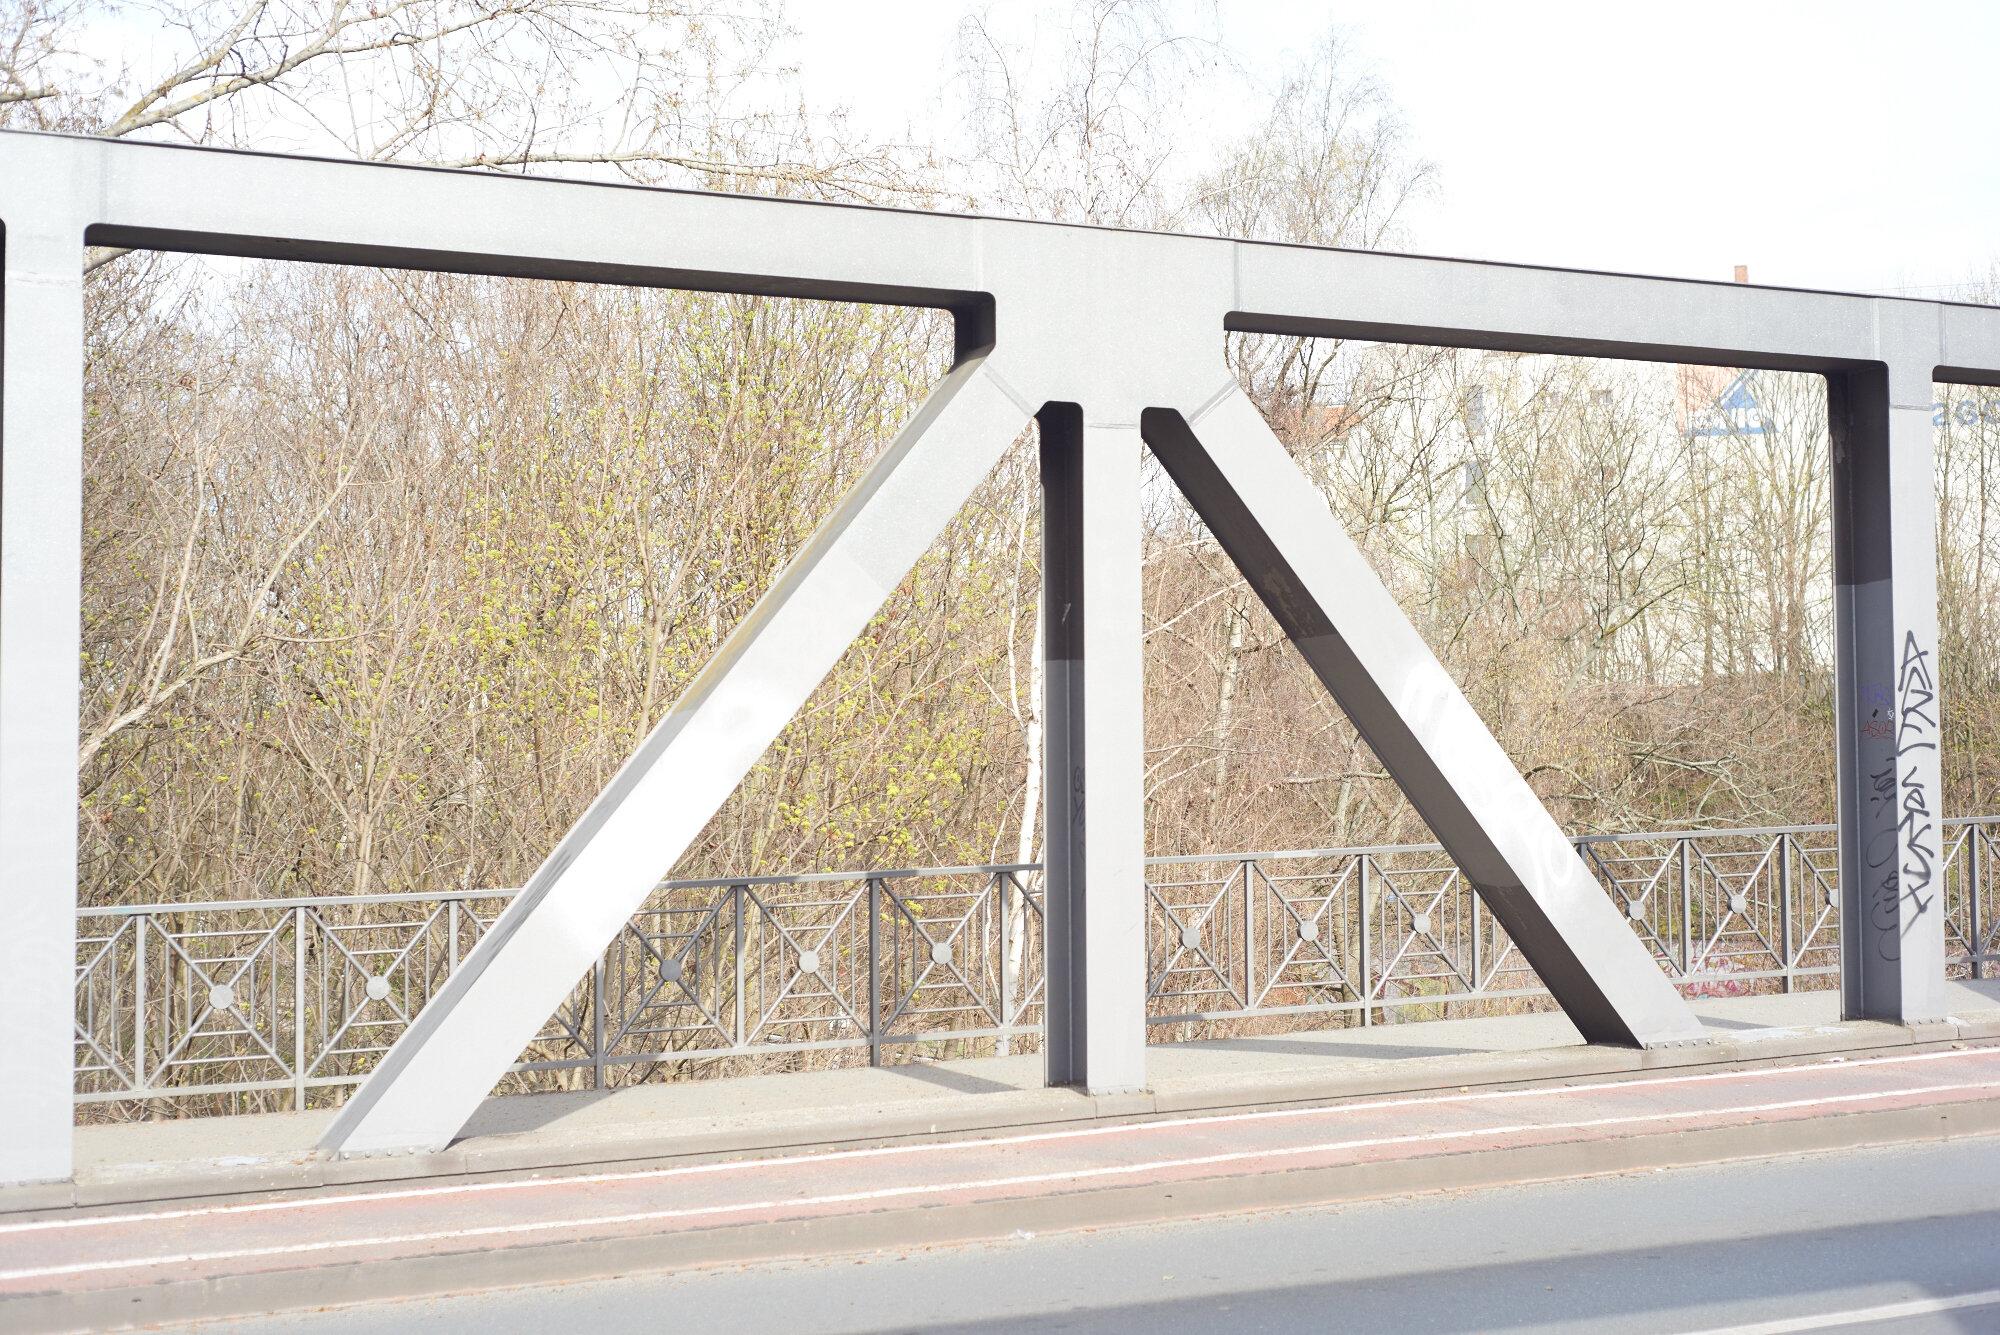 A bridge_232.jpg